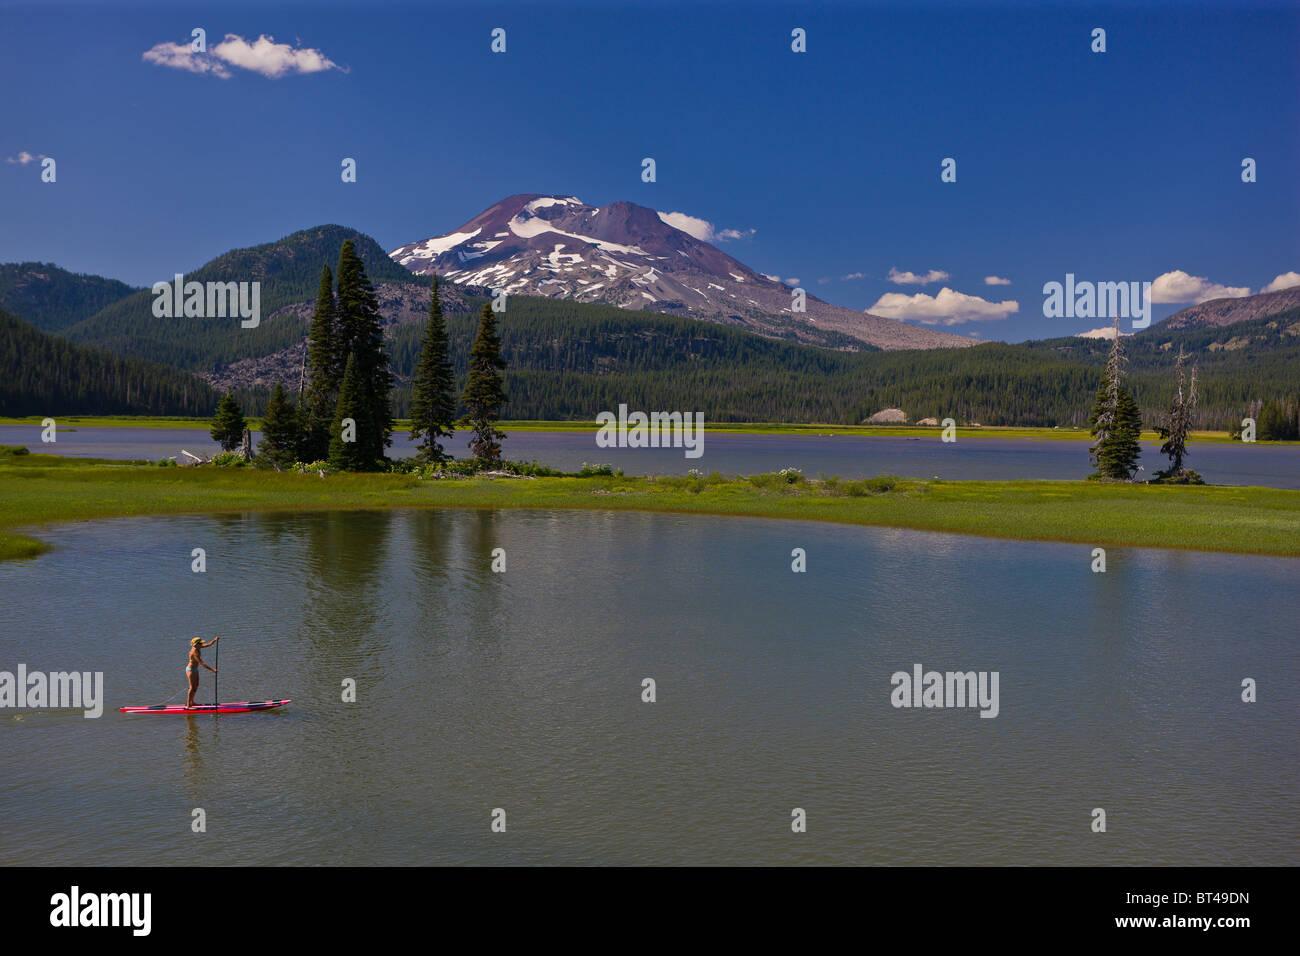 La formazione di scintille lago, OREGON, Stati Uniti d'America - Donna su paddleboard, Sud sorella, un vulcano Immagini Stock